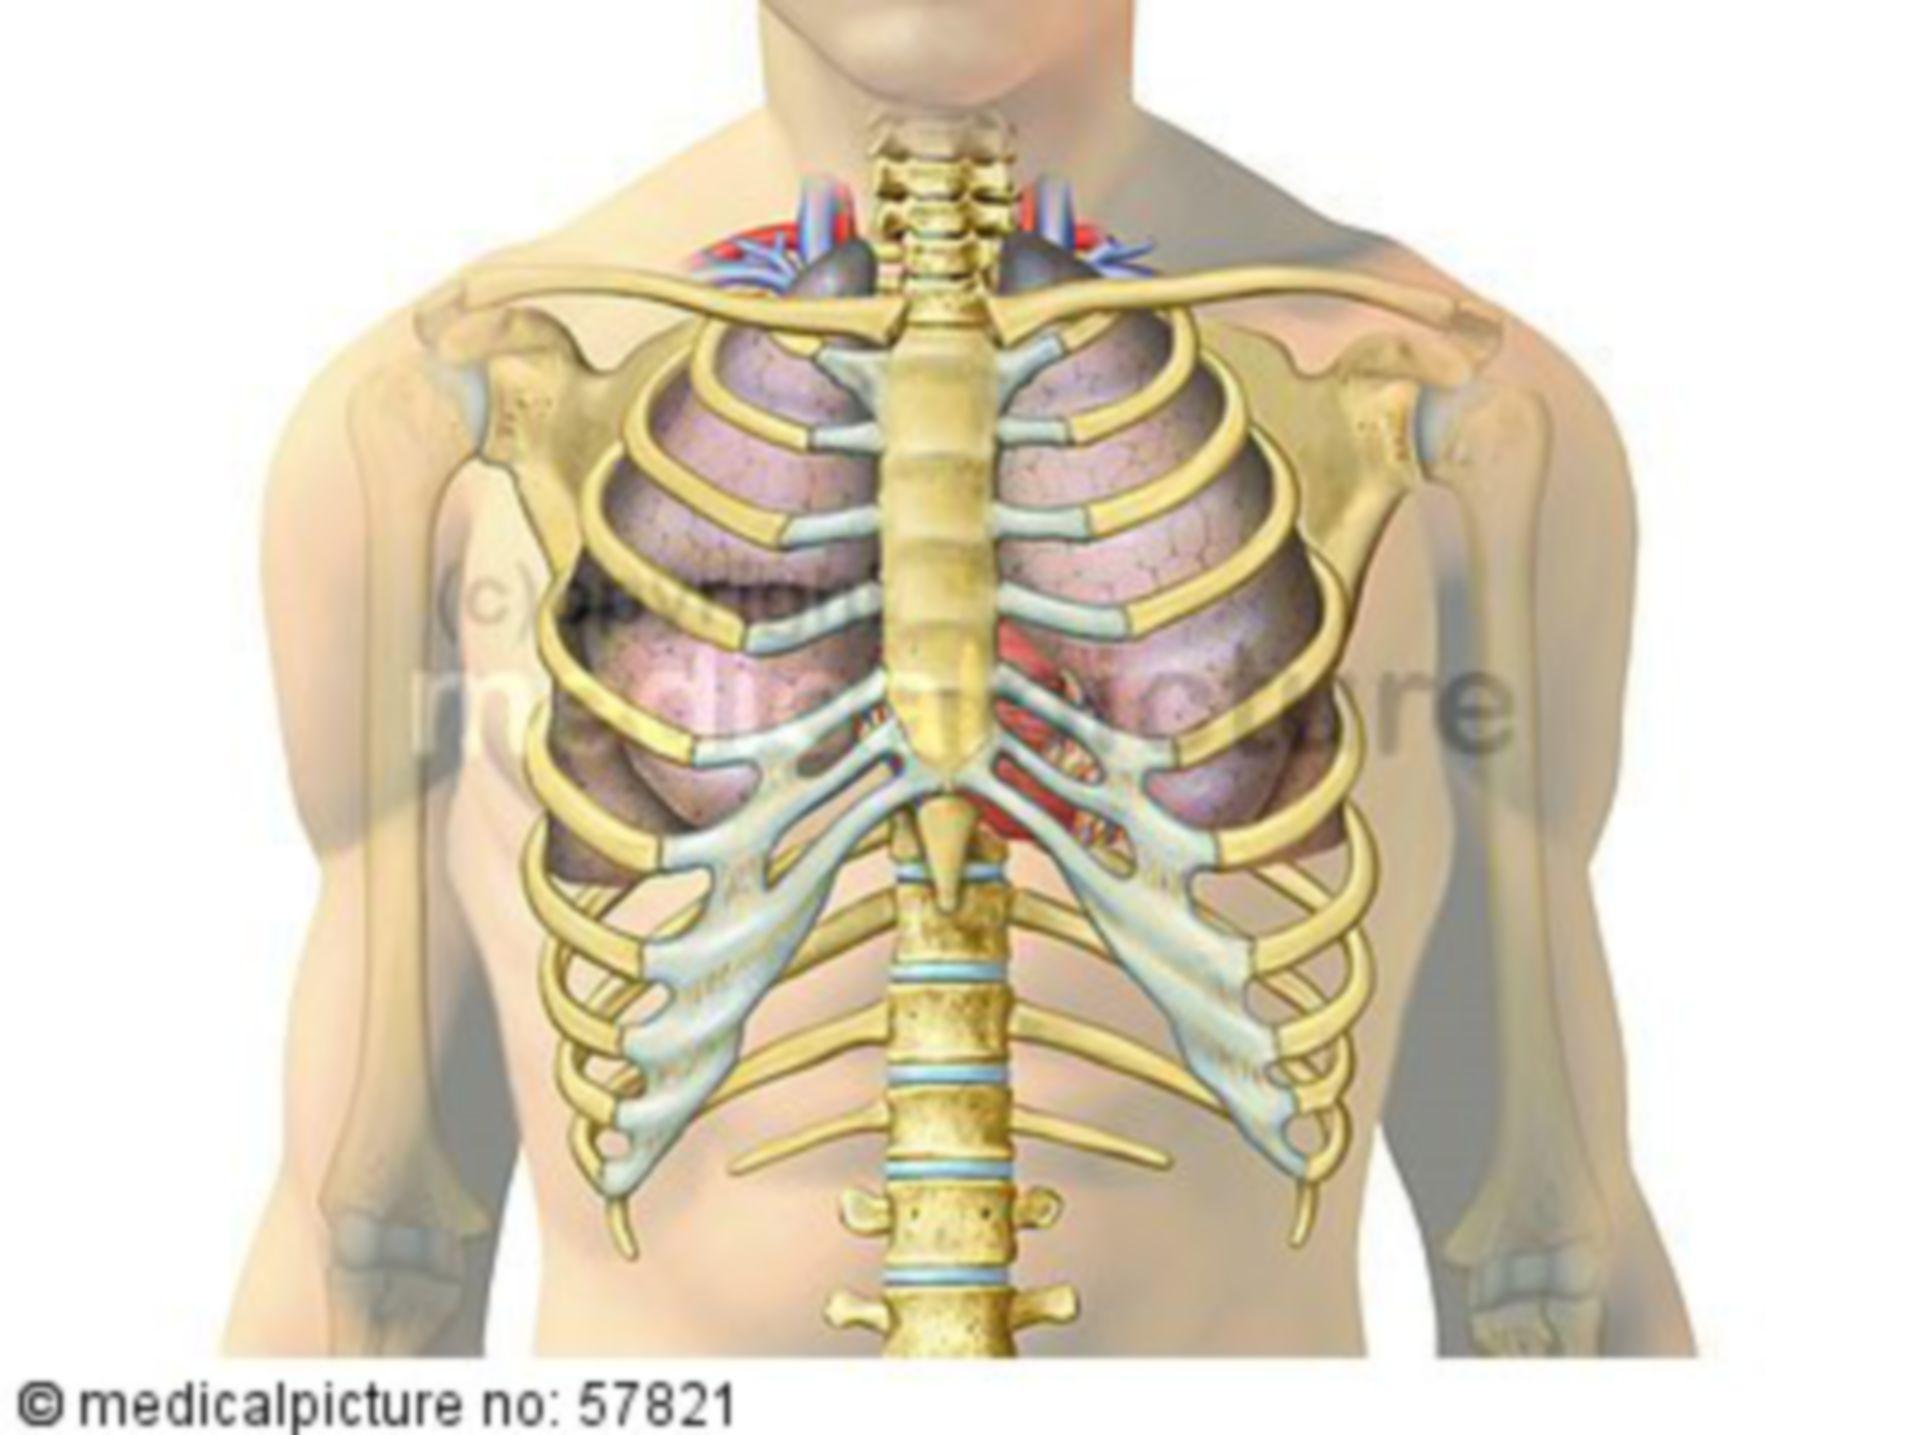 Anatomische Illustrationen - Lunge und Herz mit Gefäßen in Brustkorb